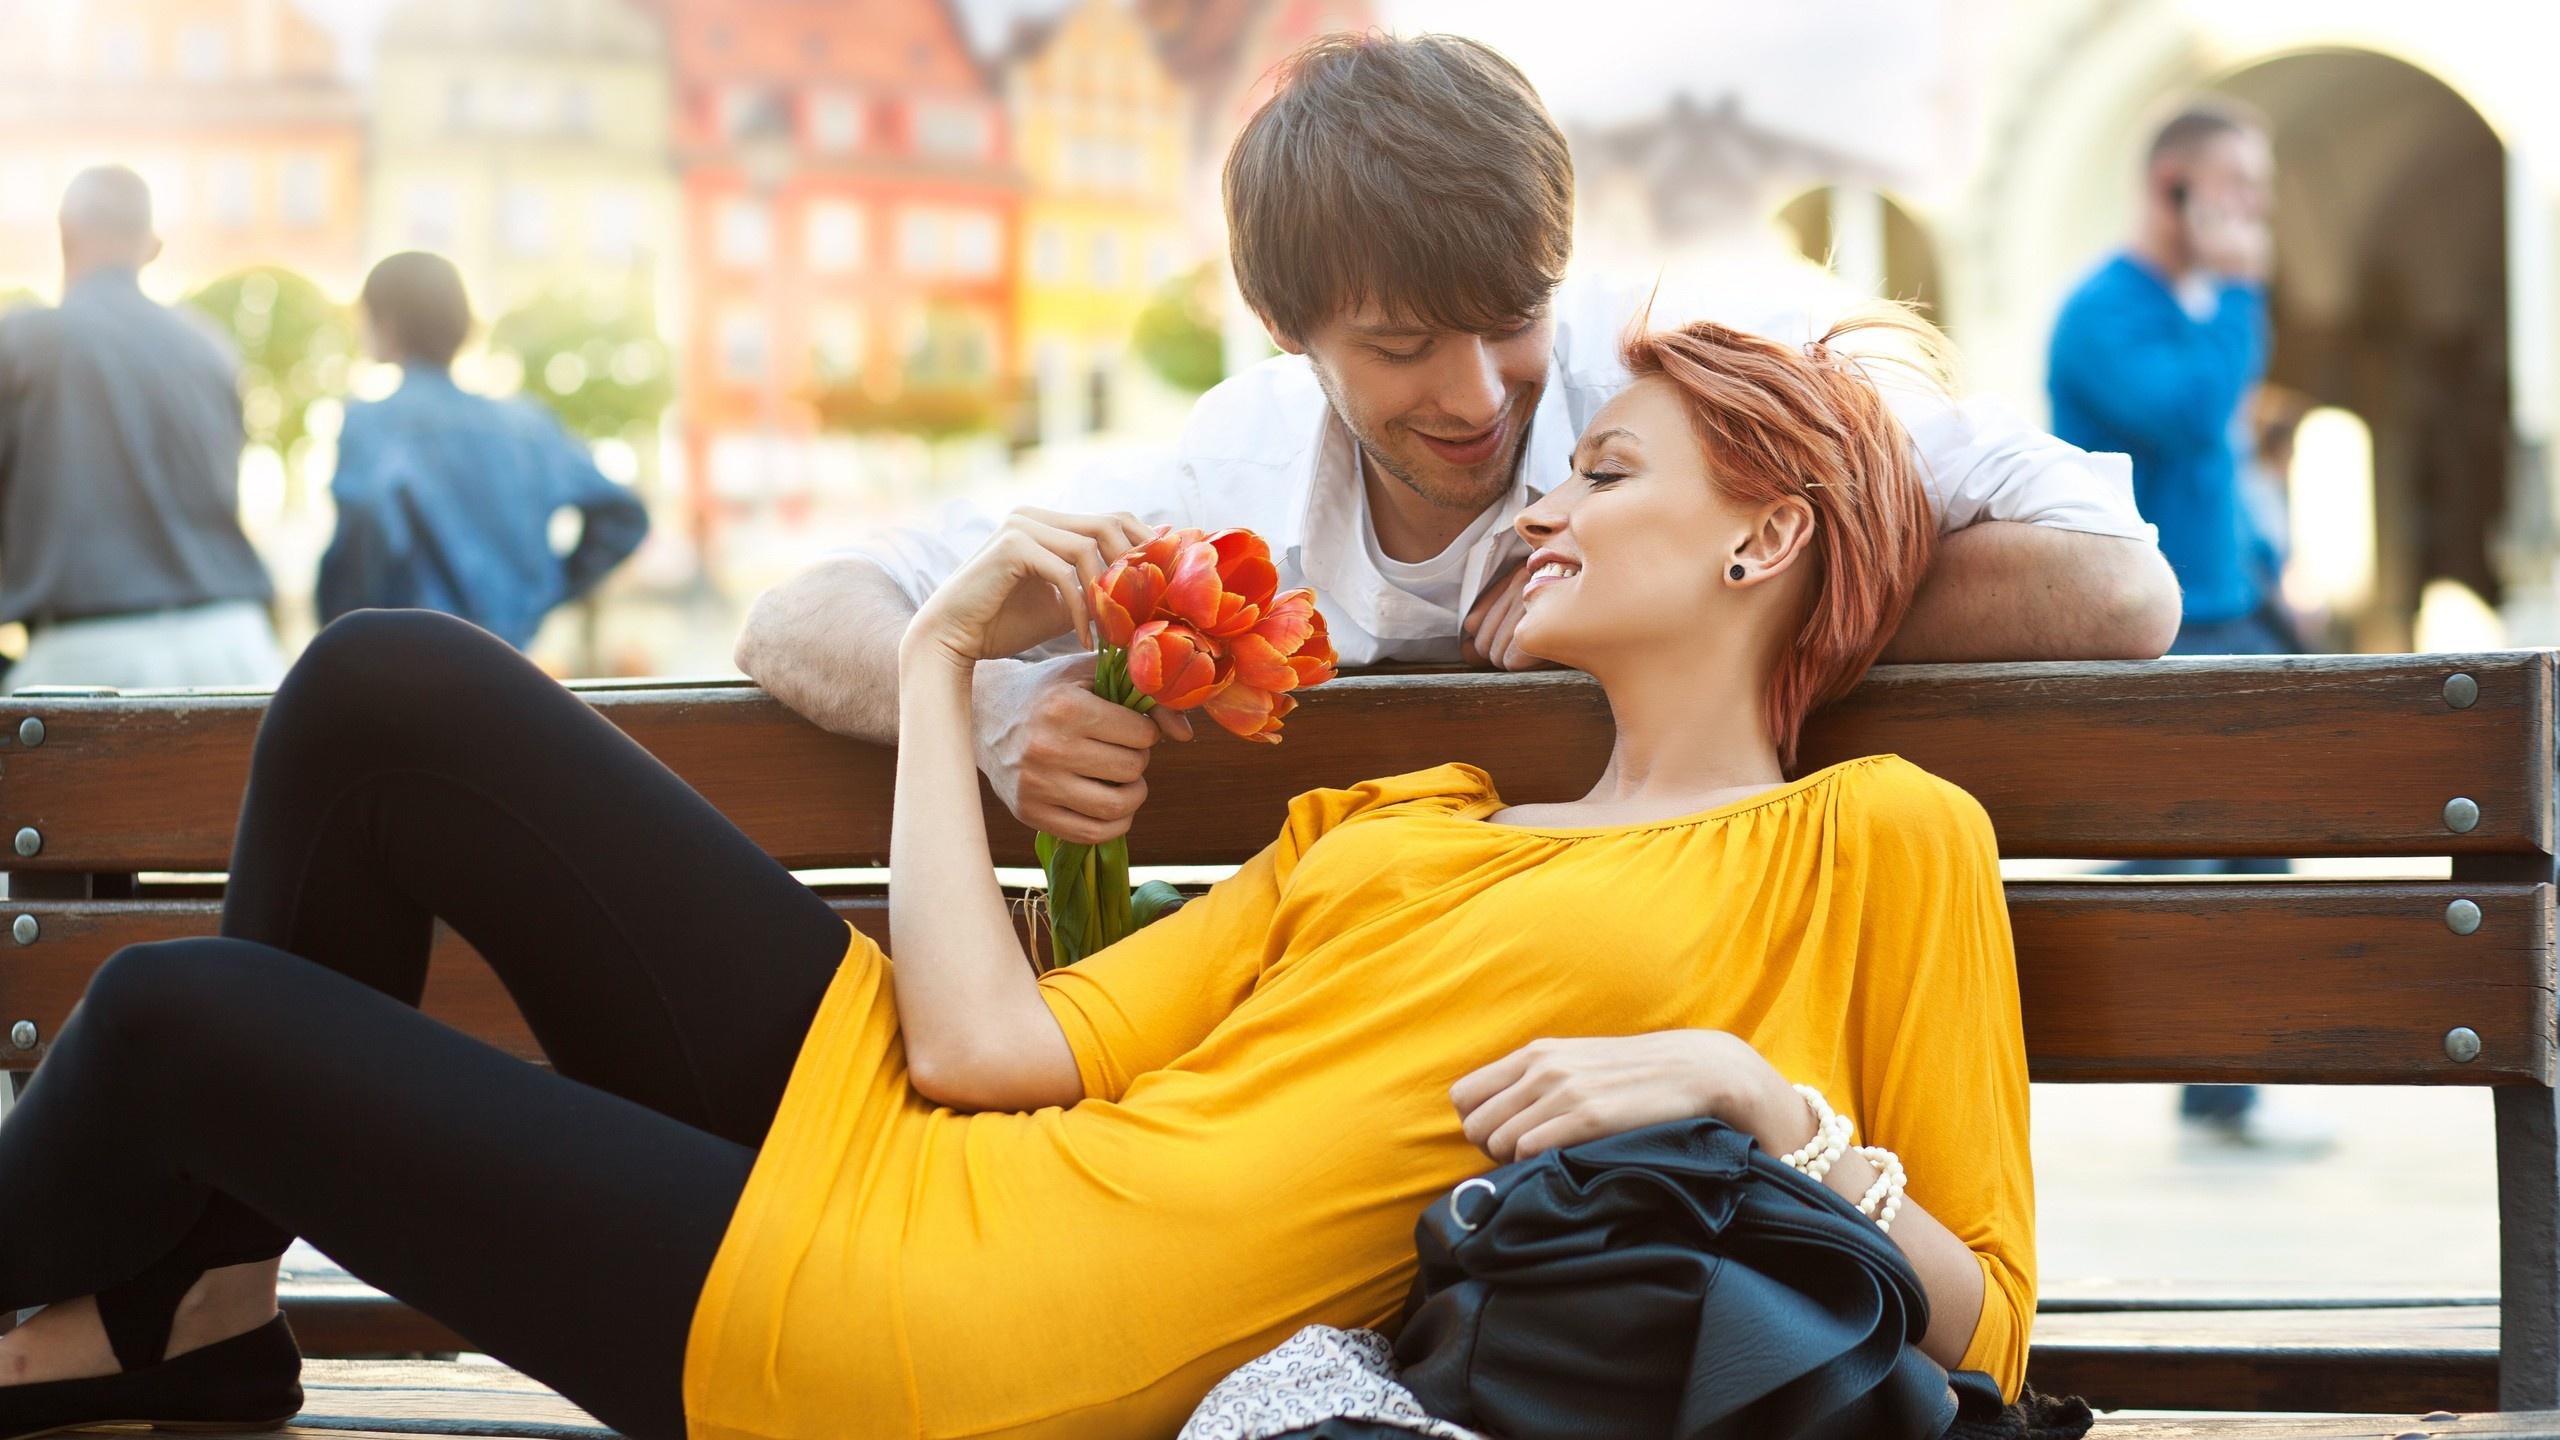 عکس های رمانتیک دونفره,عکس های عاشقانه,عاشقانه و رمانتیک,سری جدید عکس های عاشقانه,عاشقانه و جالب دو نفره,جدید عکس های عاشقانه,عکس عاشقانه بوسه,عکس عاشقانه دختر و پسر,عکس عاشقانه غمگین,عکس عاشقانه فیس بوک,عکس عاشقانه زیبا,عکس عاشقانه خفن,مجموعه عکس های جدید عاشقانه و رمانتیک دو نفره